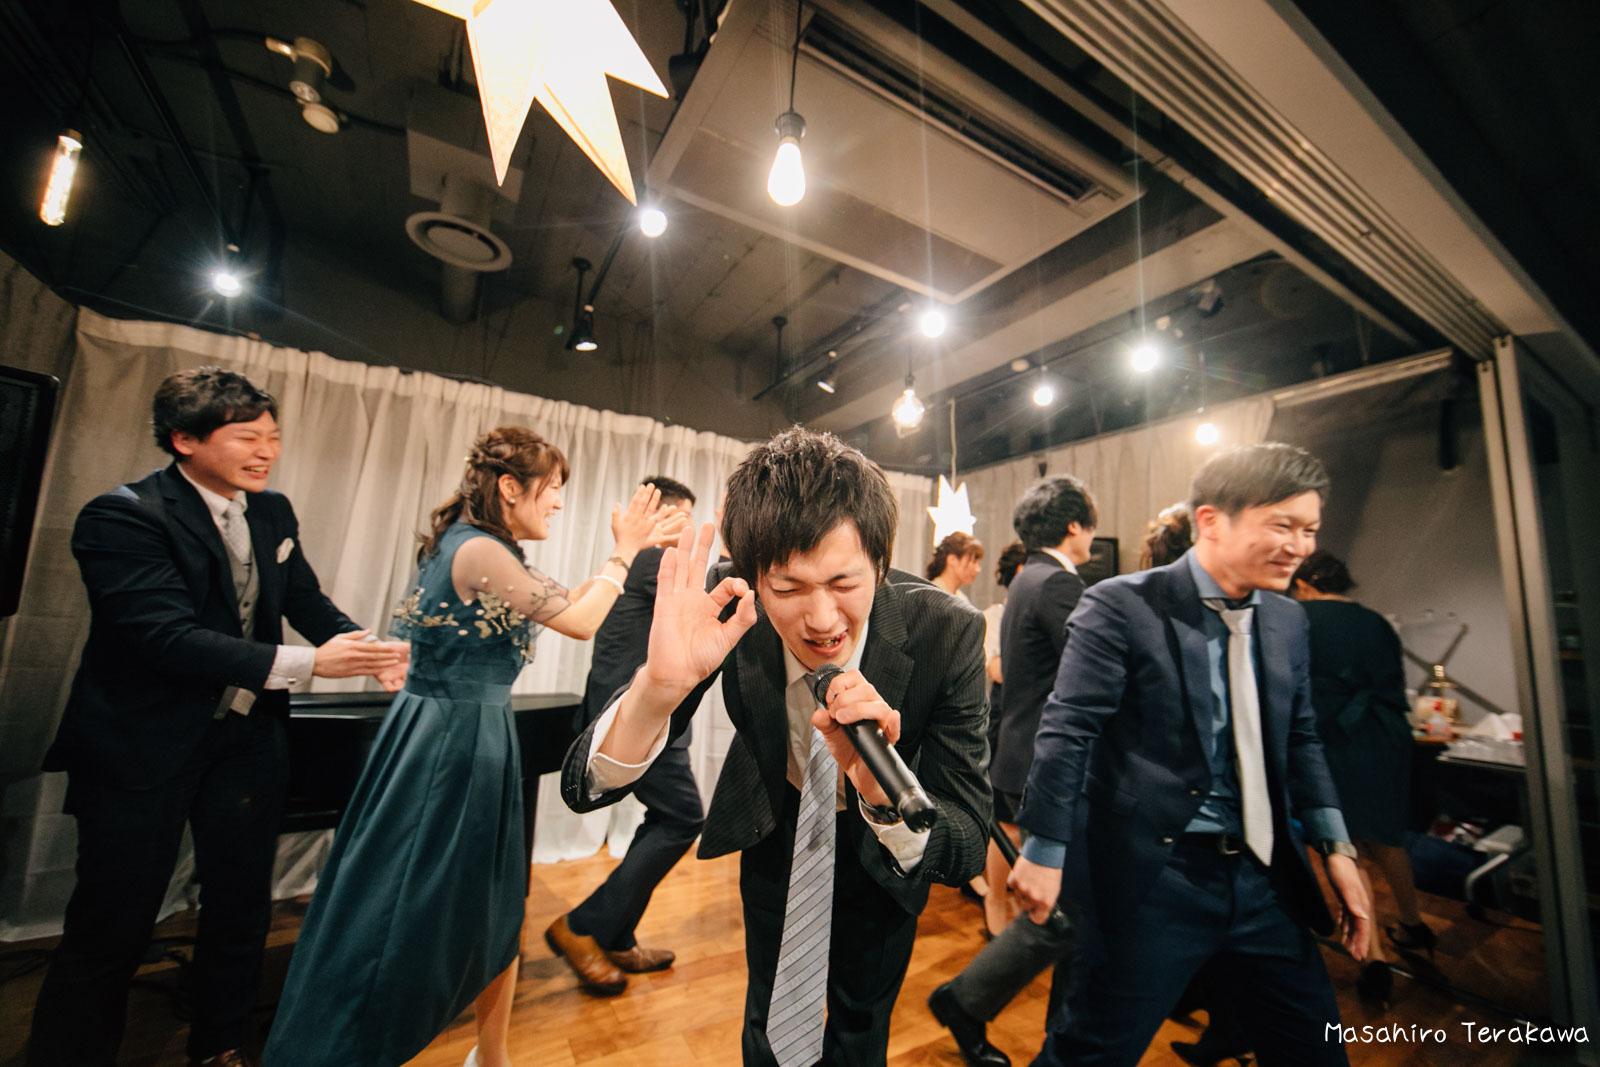 神戸で結婚式の二次会の写真撮影30